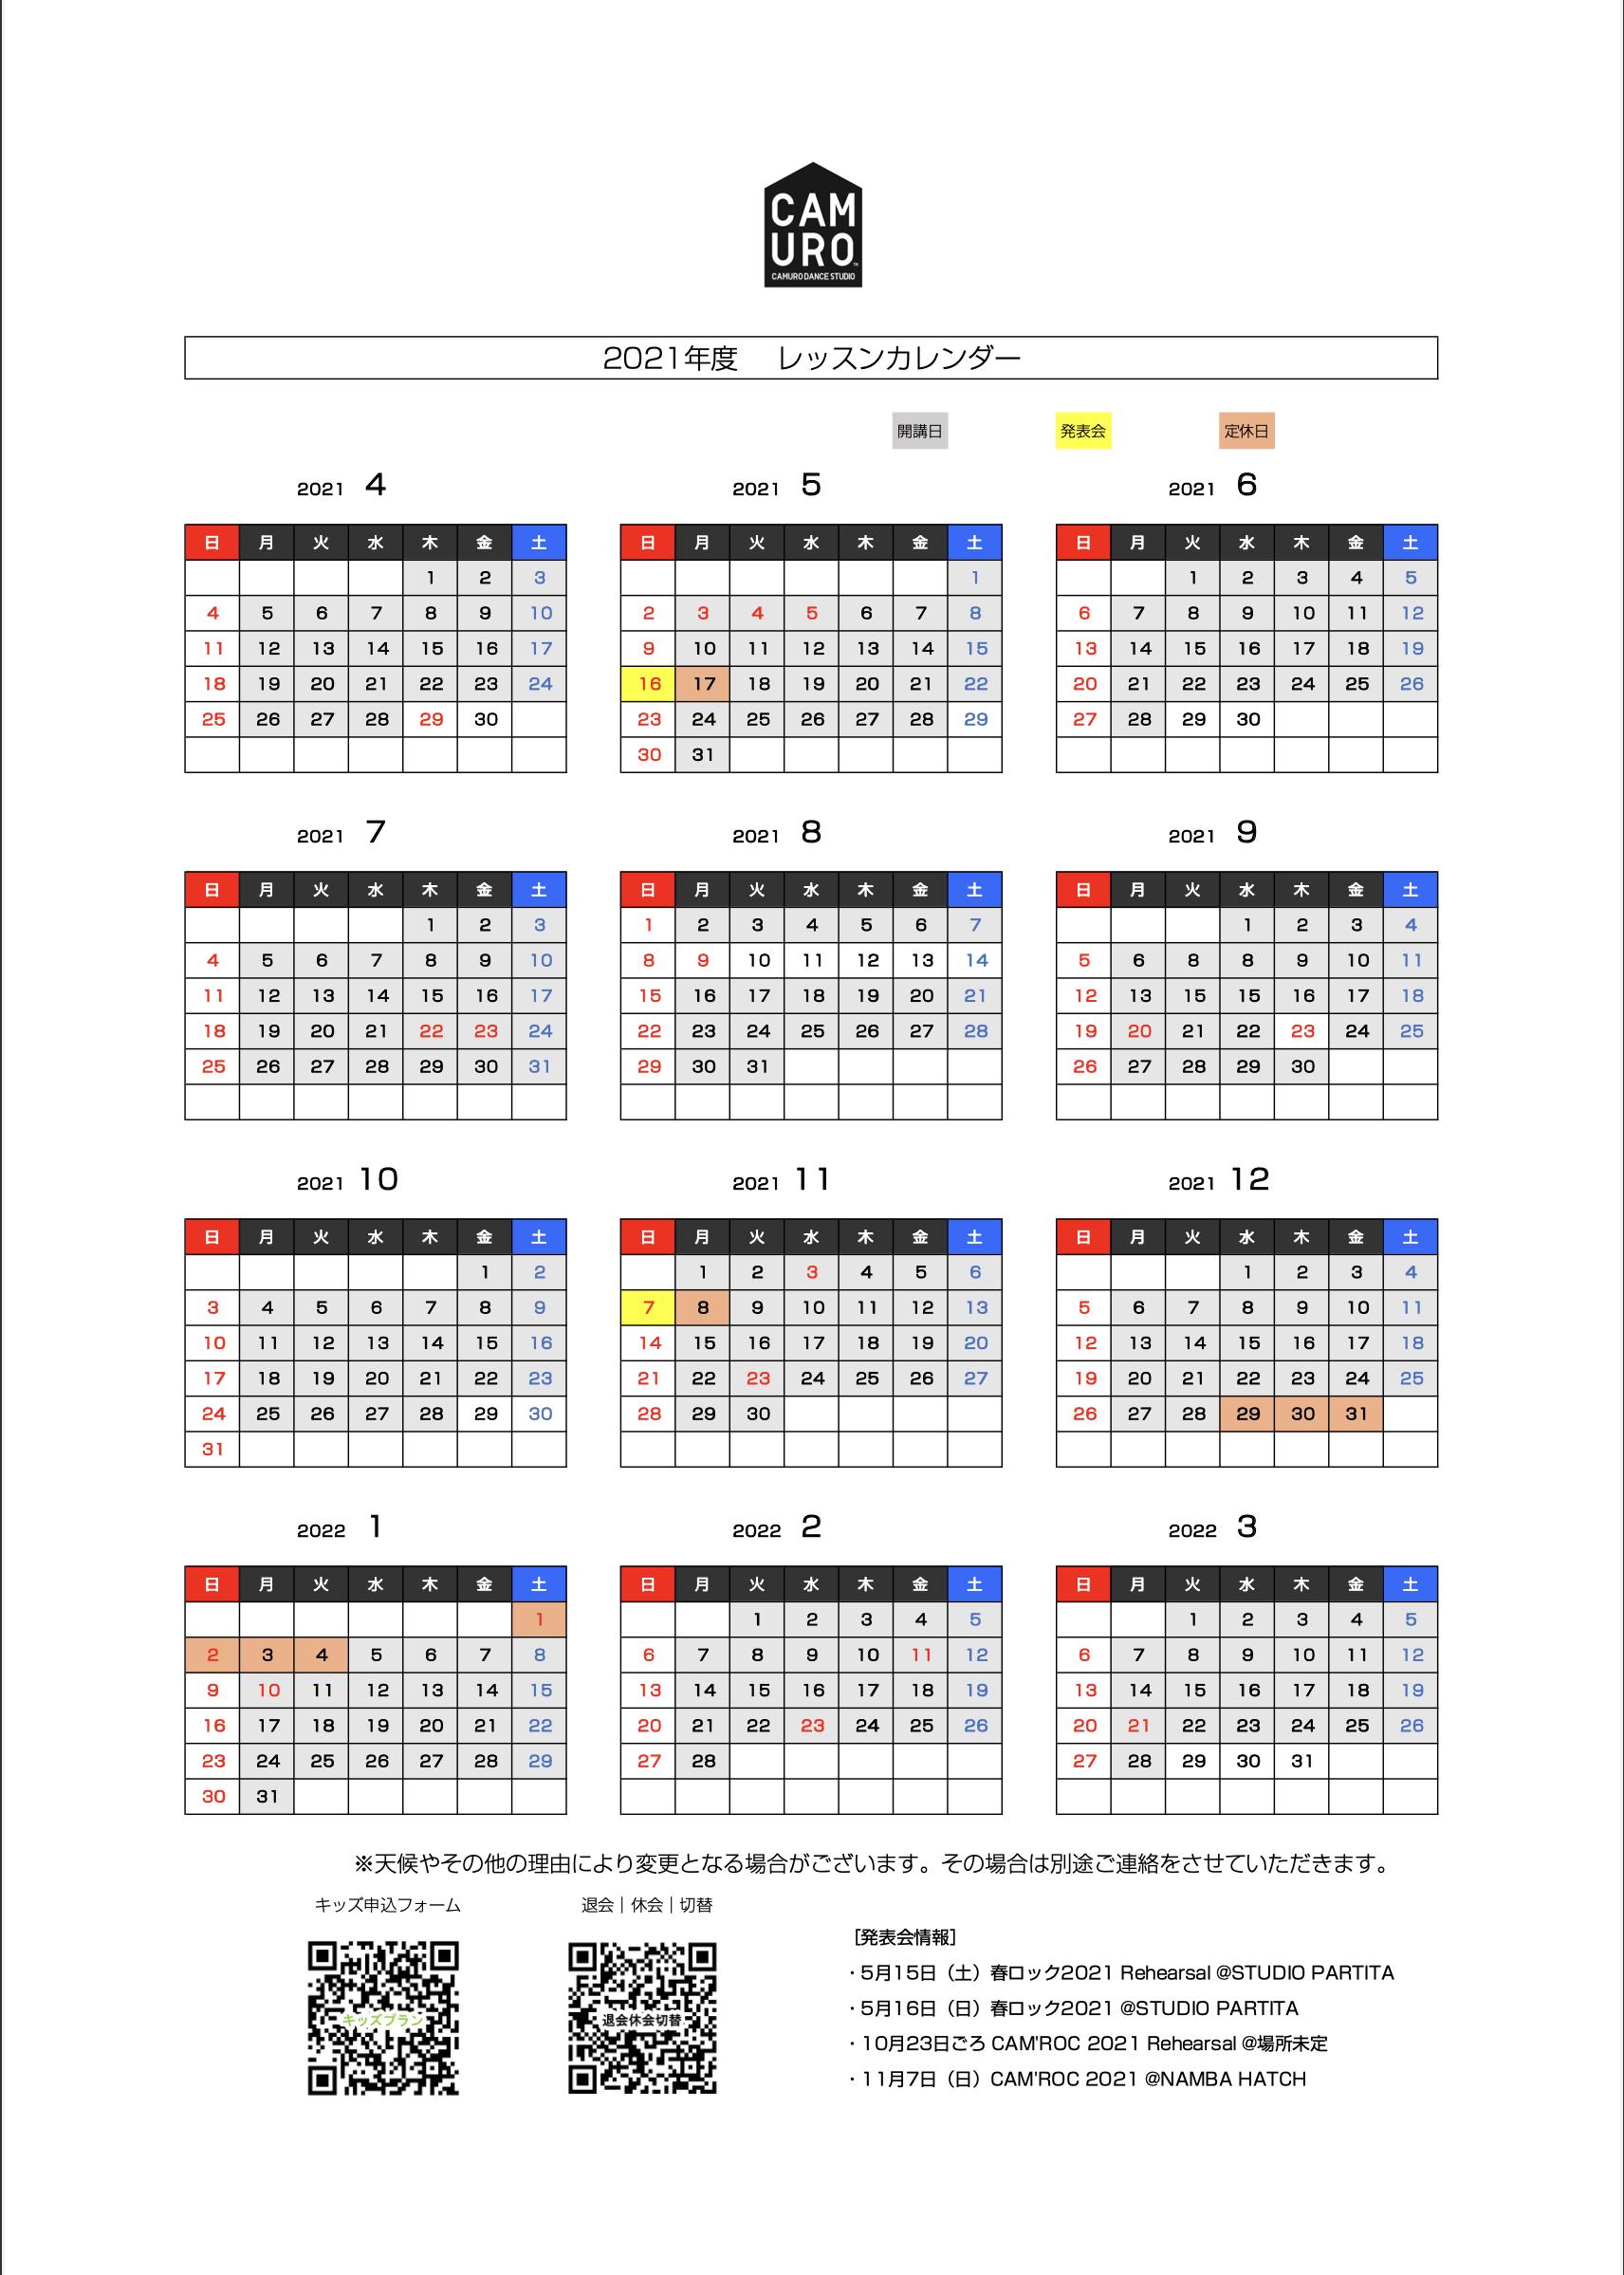 スクリーンショット 2021-03-15 17.29.15